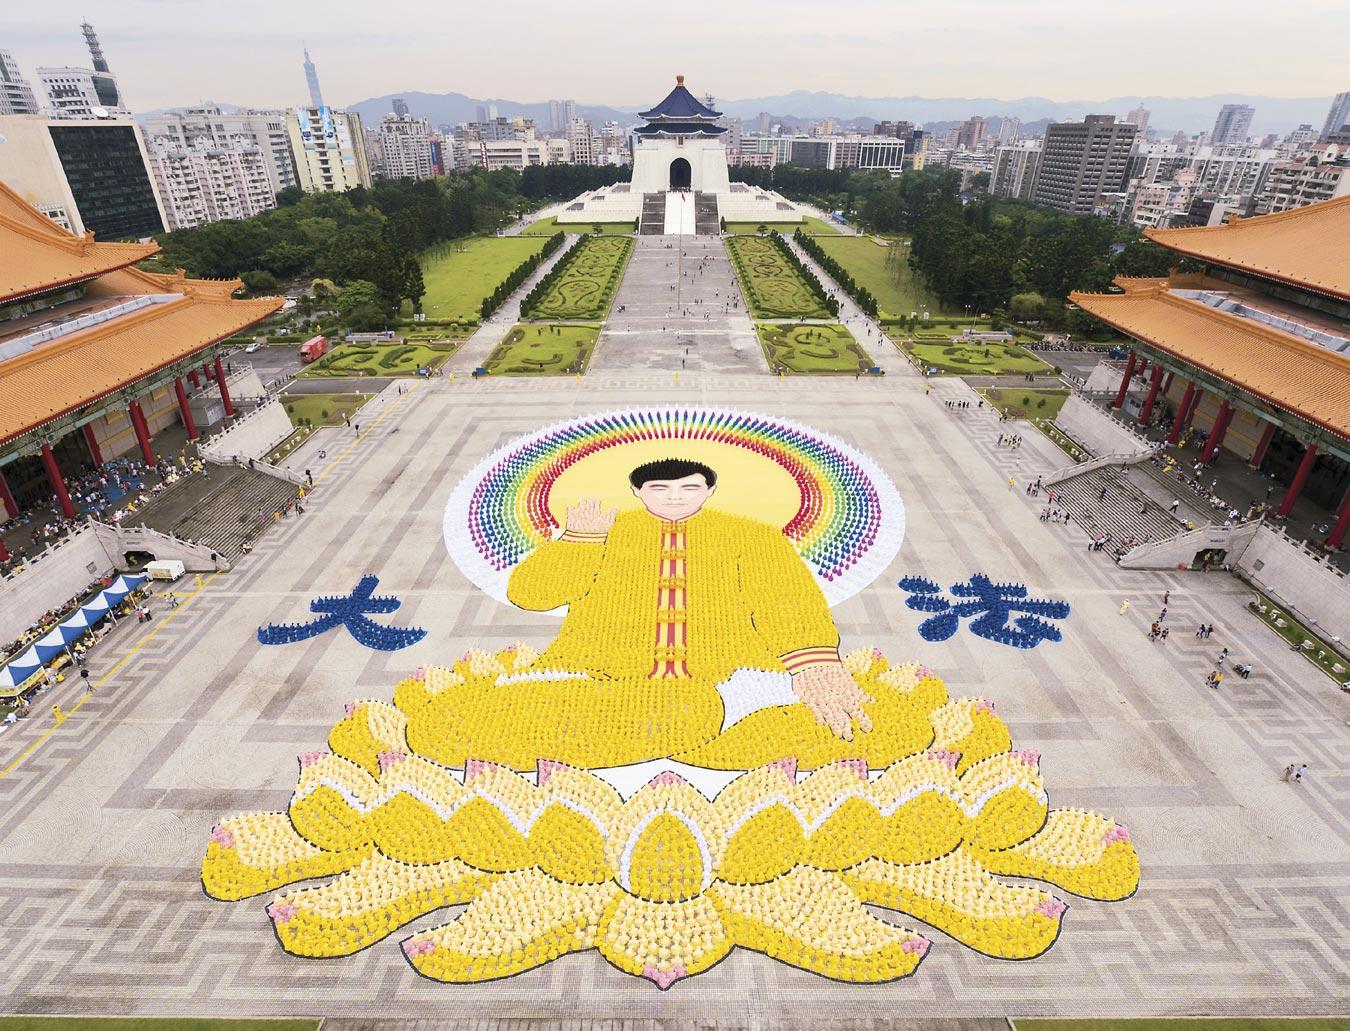 2012年4月29日,七千四百名法輪功學員在台北自由廣場,排出李洪志師父法像圖形,宏偉壯觀。(明慧網)